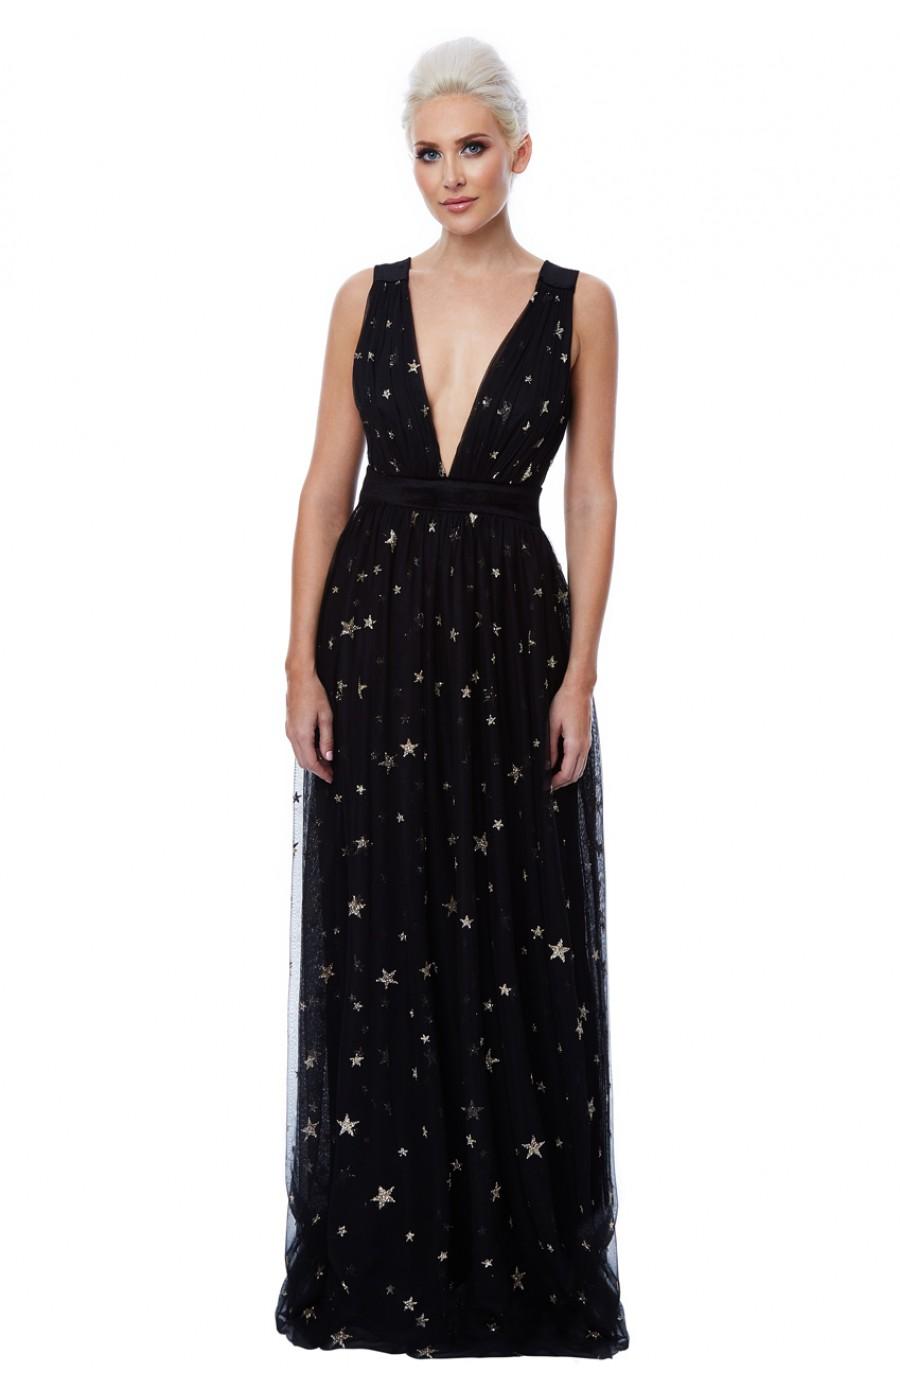 Αέρινο μαύρο μακρύ φόρεμα με λεπτομέρειες από αστέρια